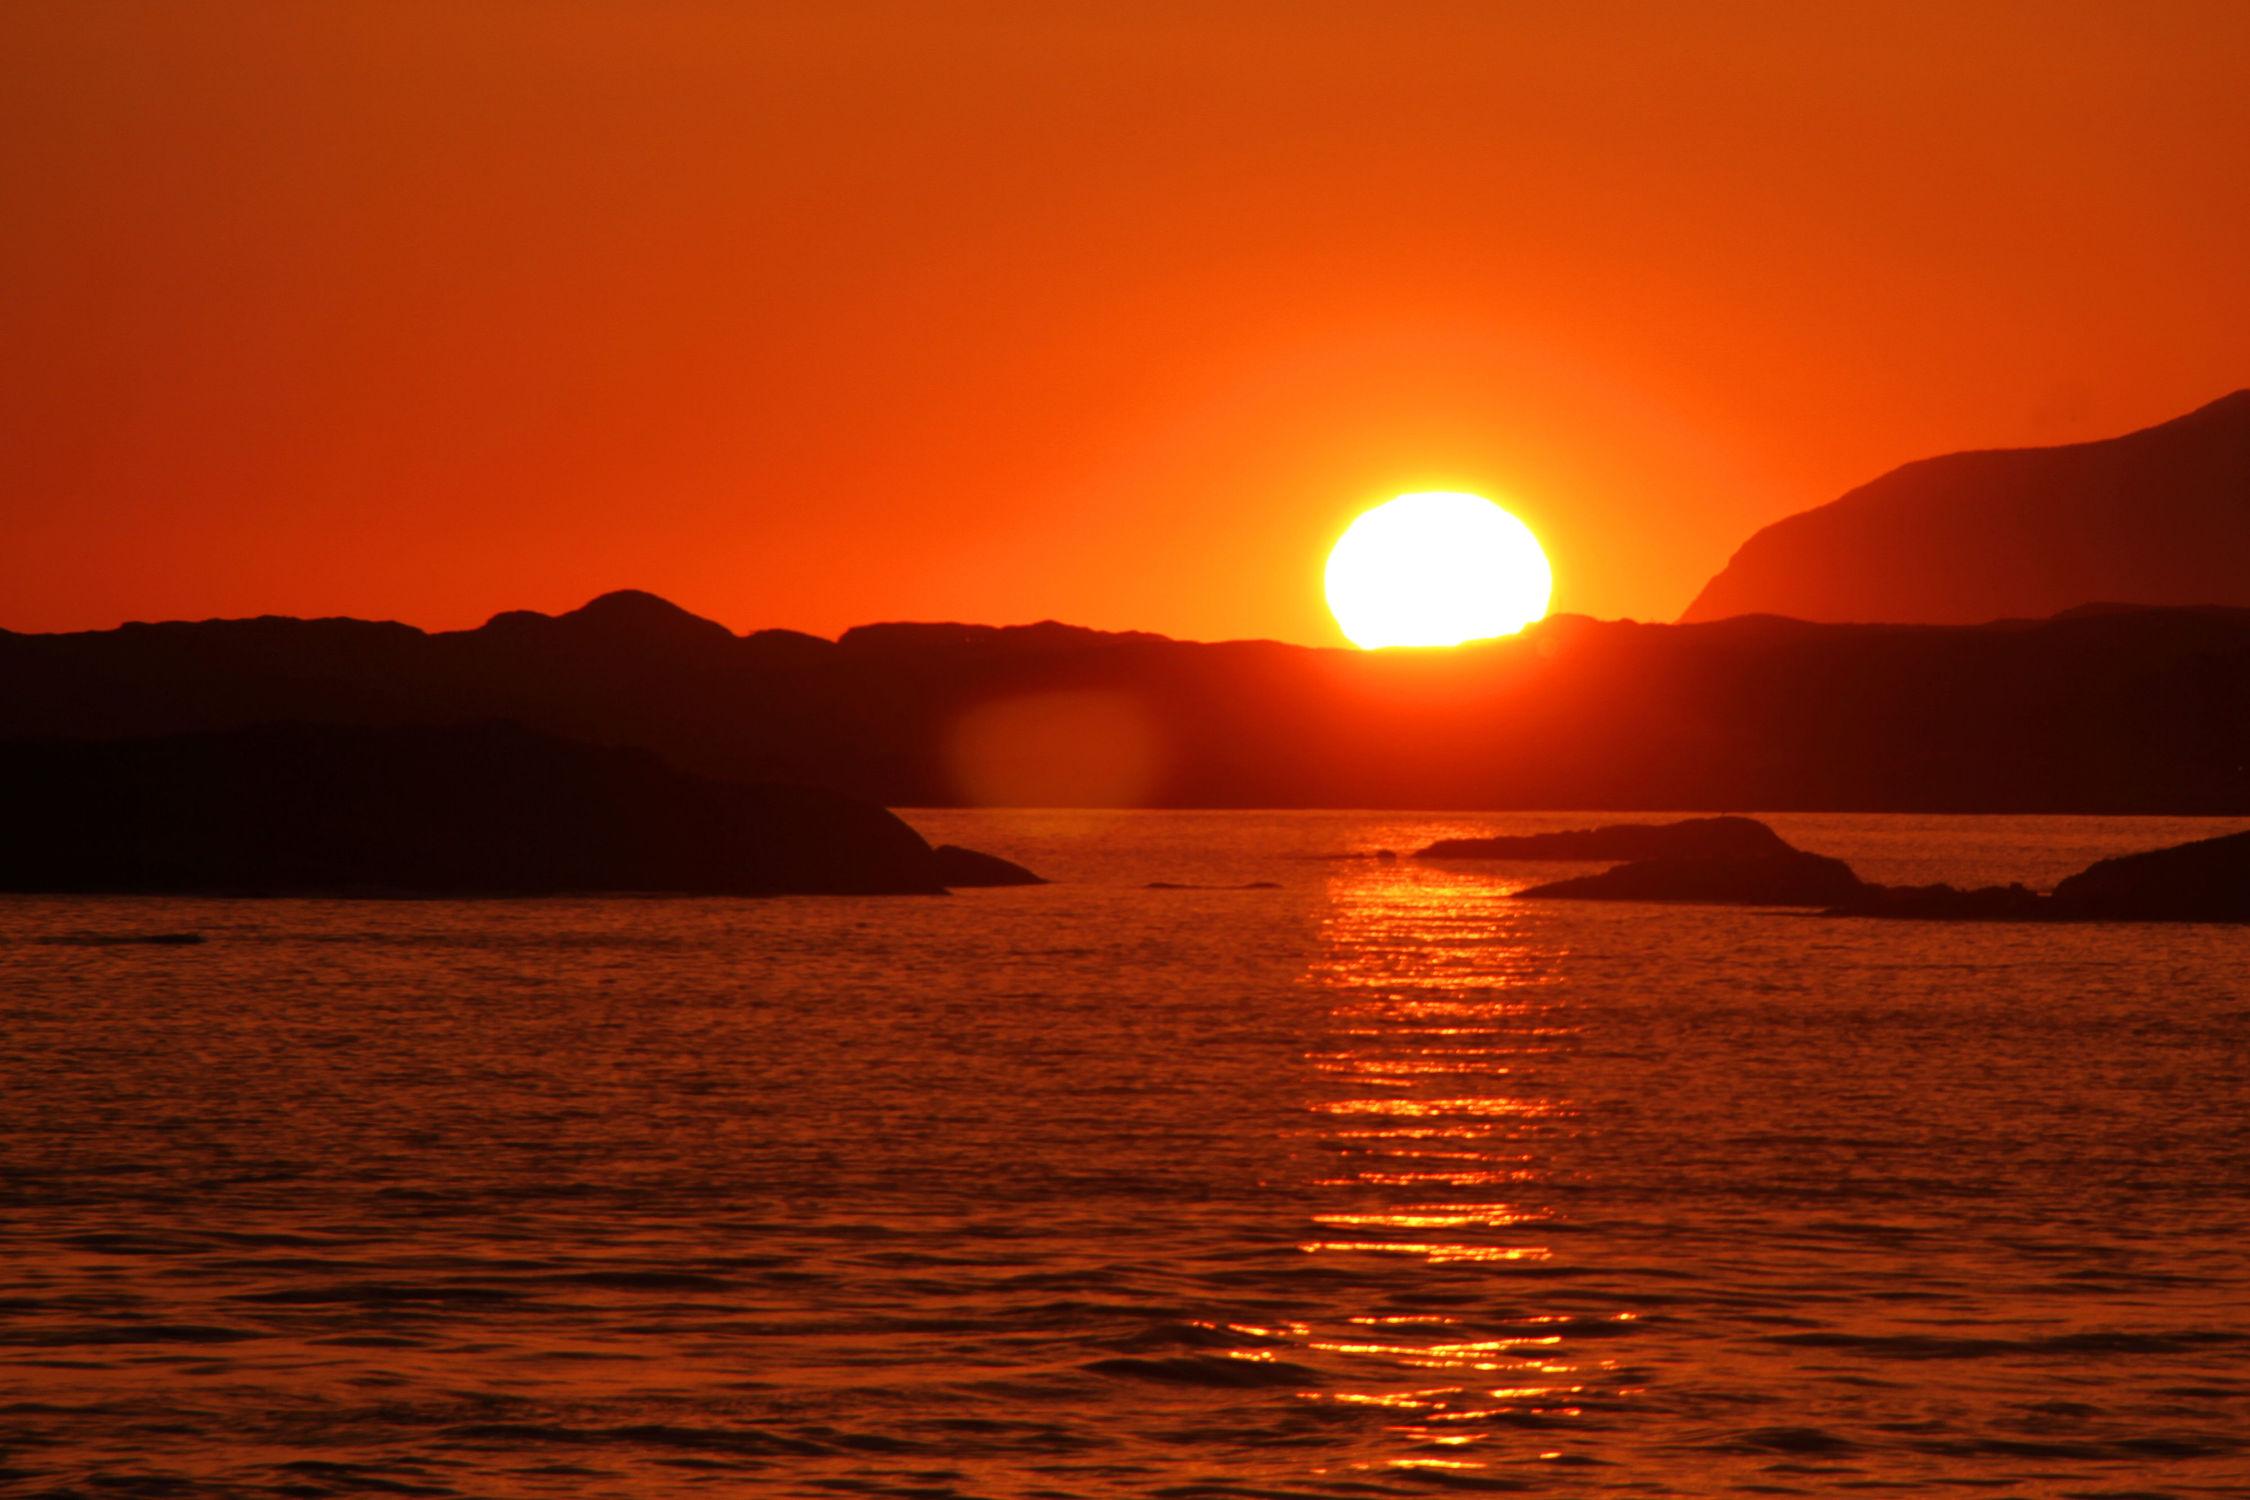 Bild mit Natur, Wasser, Gewässer, Sonnenuntergang, Sonnenaufgang, Sonne, Meer, See, Sonnenuntergänge, Am Meer, sea, seaside, ozean, sun